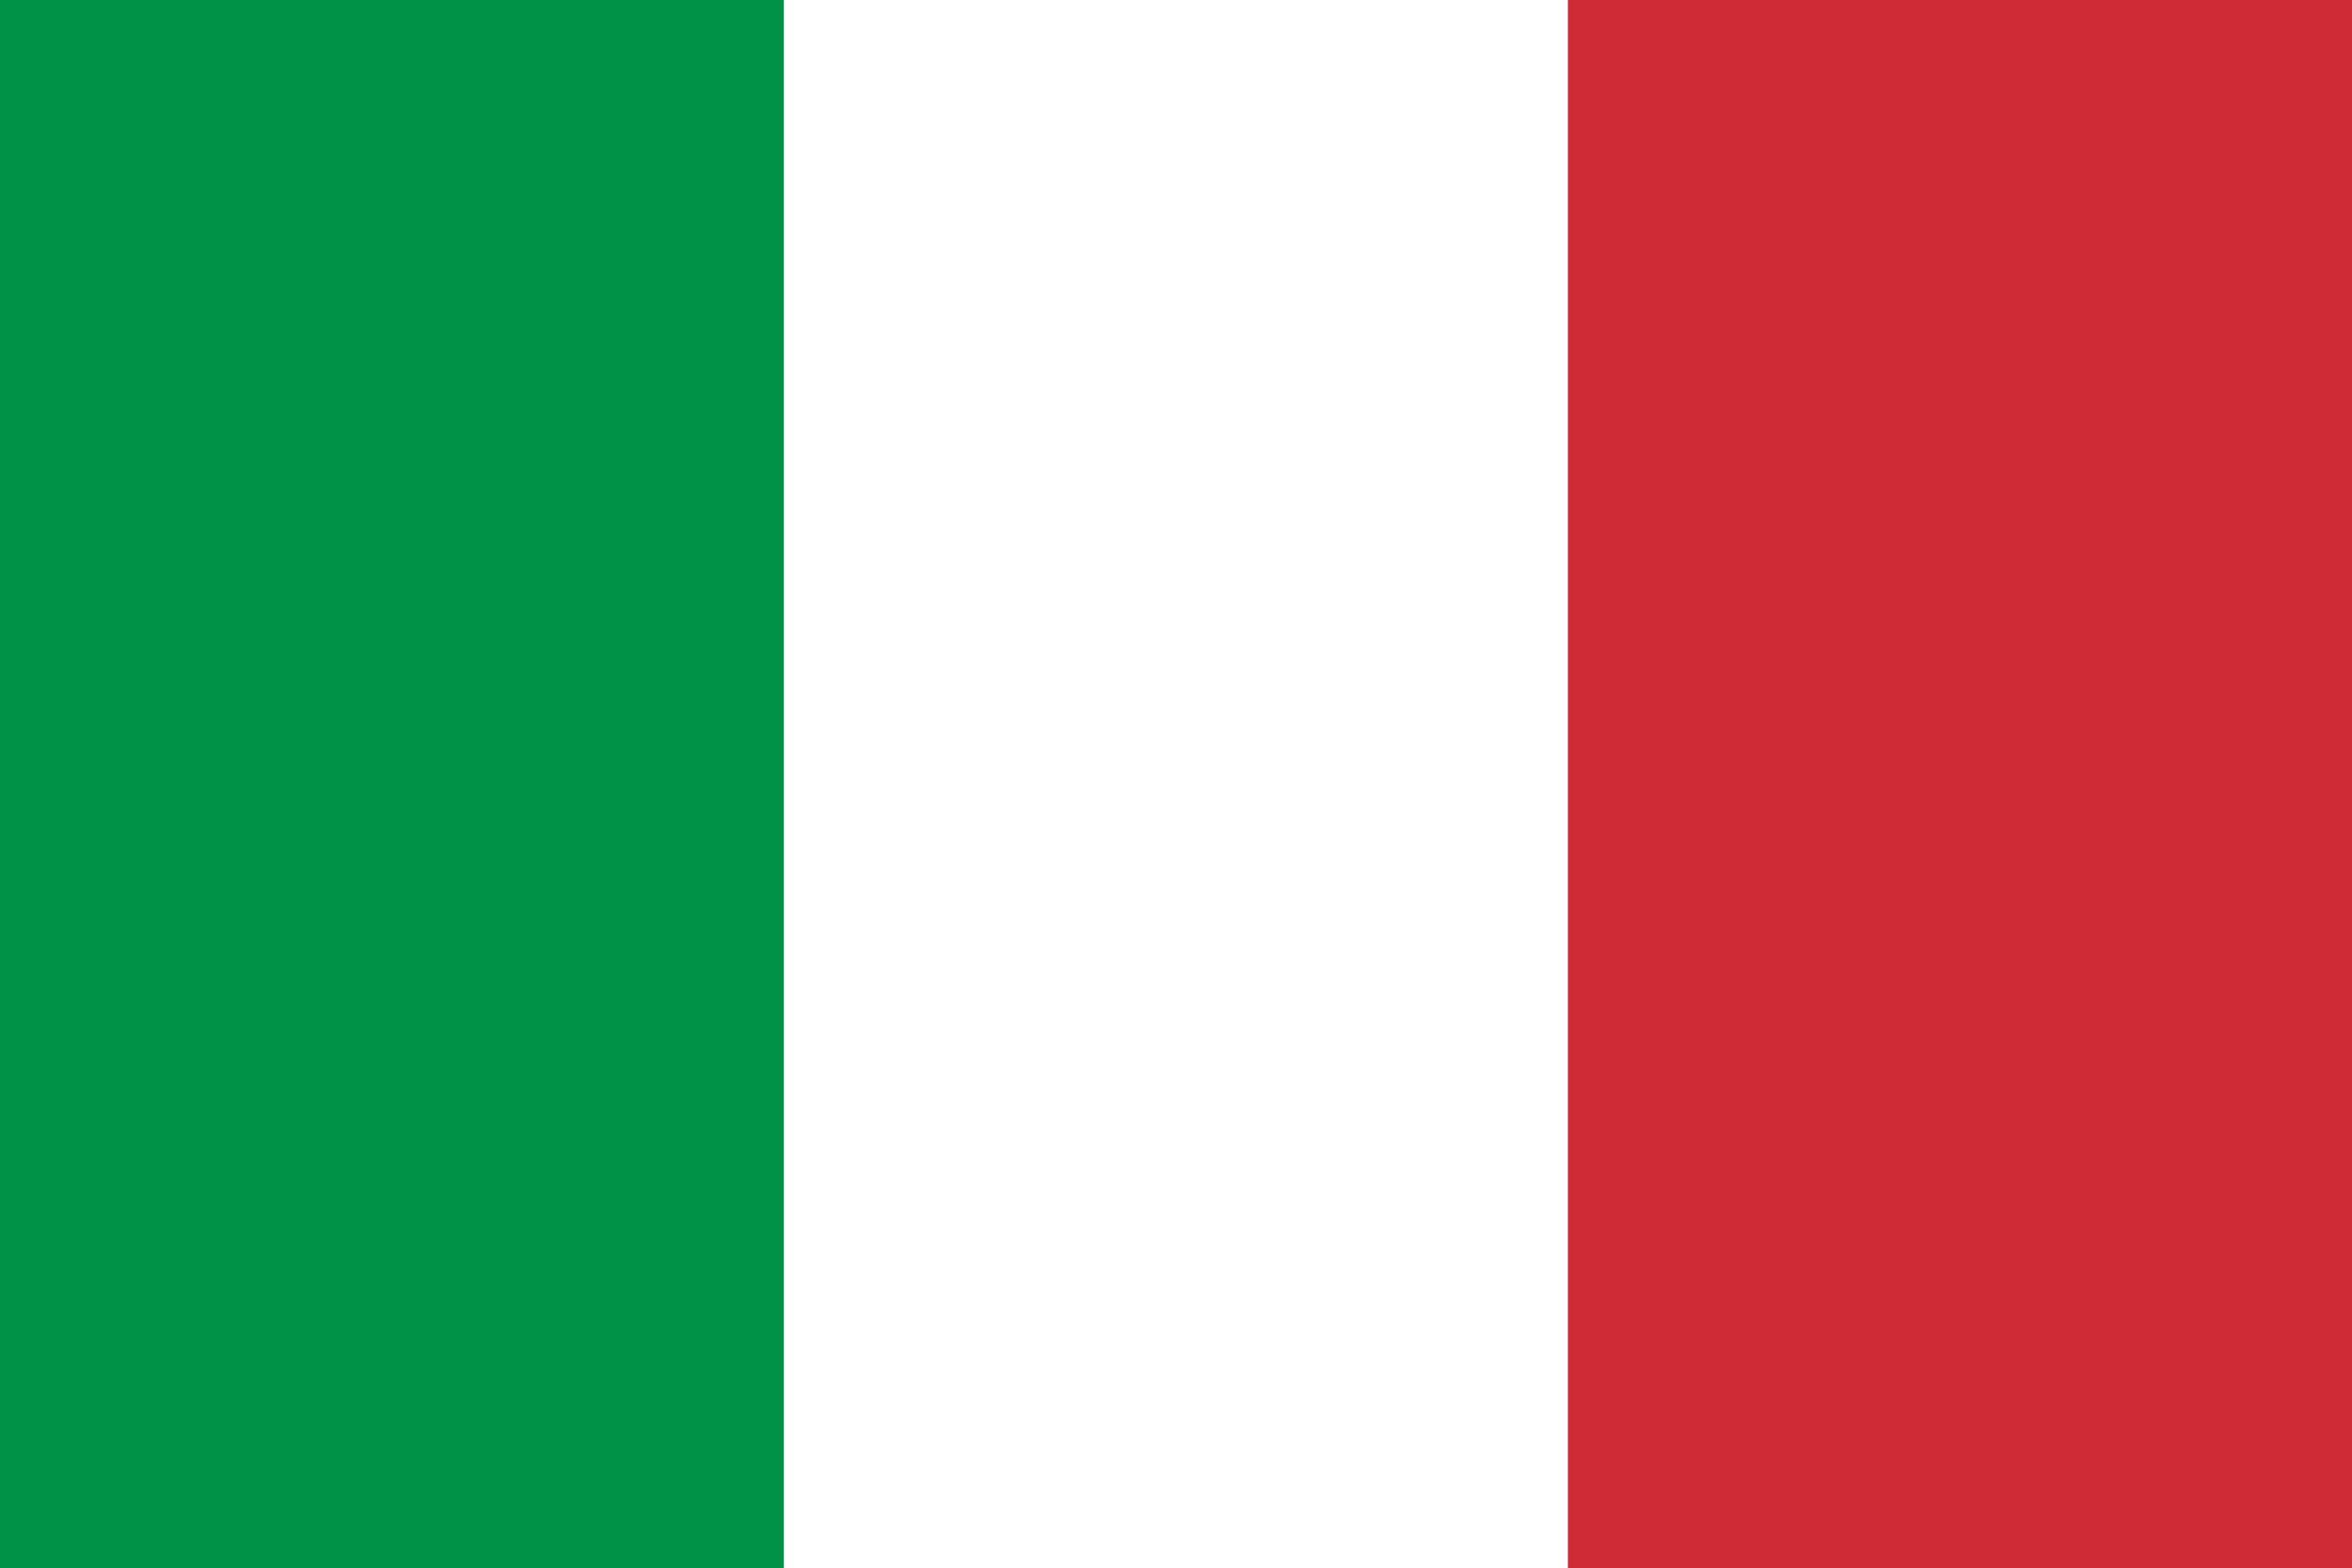 إيطاليا, البلد, emblema, شعار, الرمز - خلفيات عالية الدقة - أستاذ falken.com